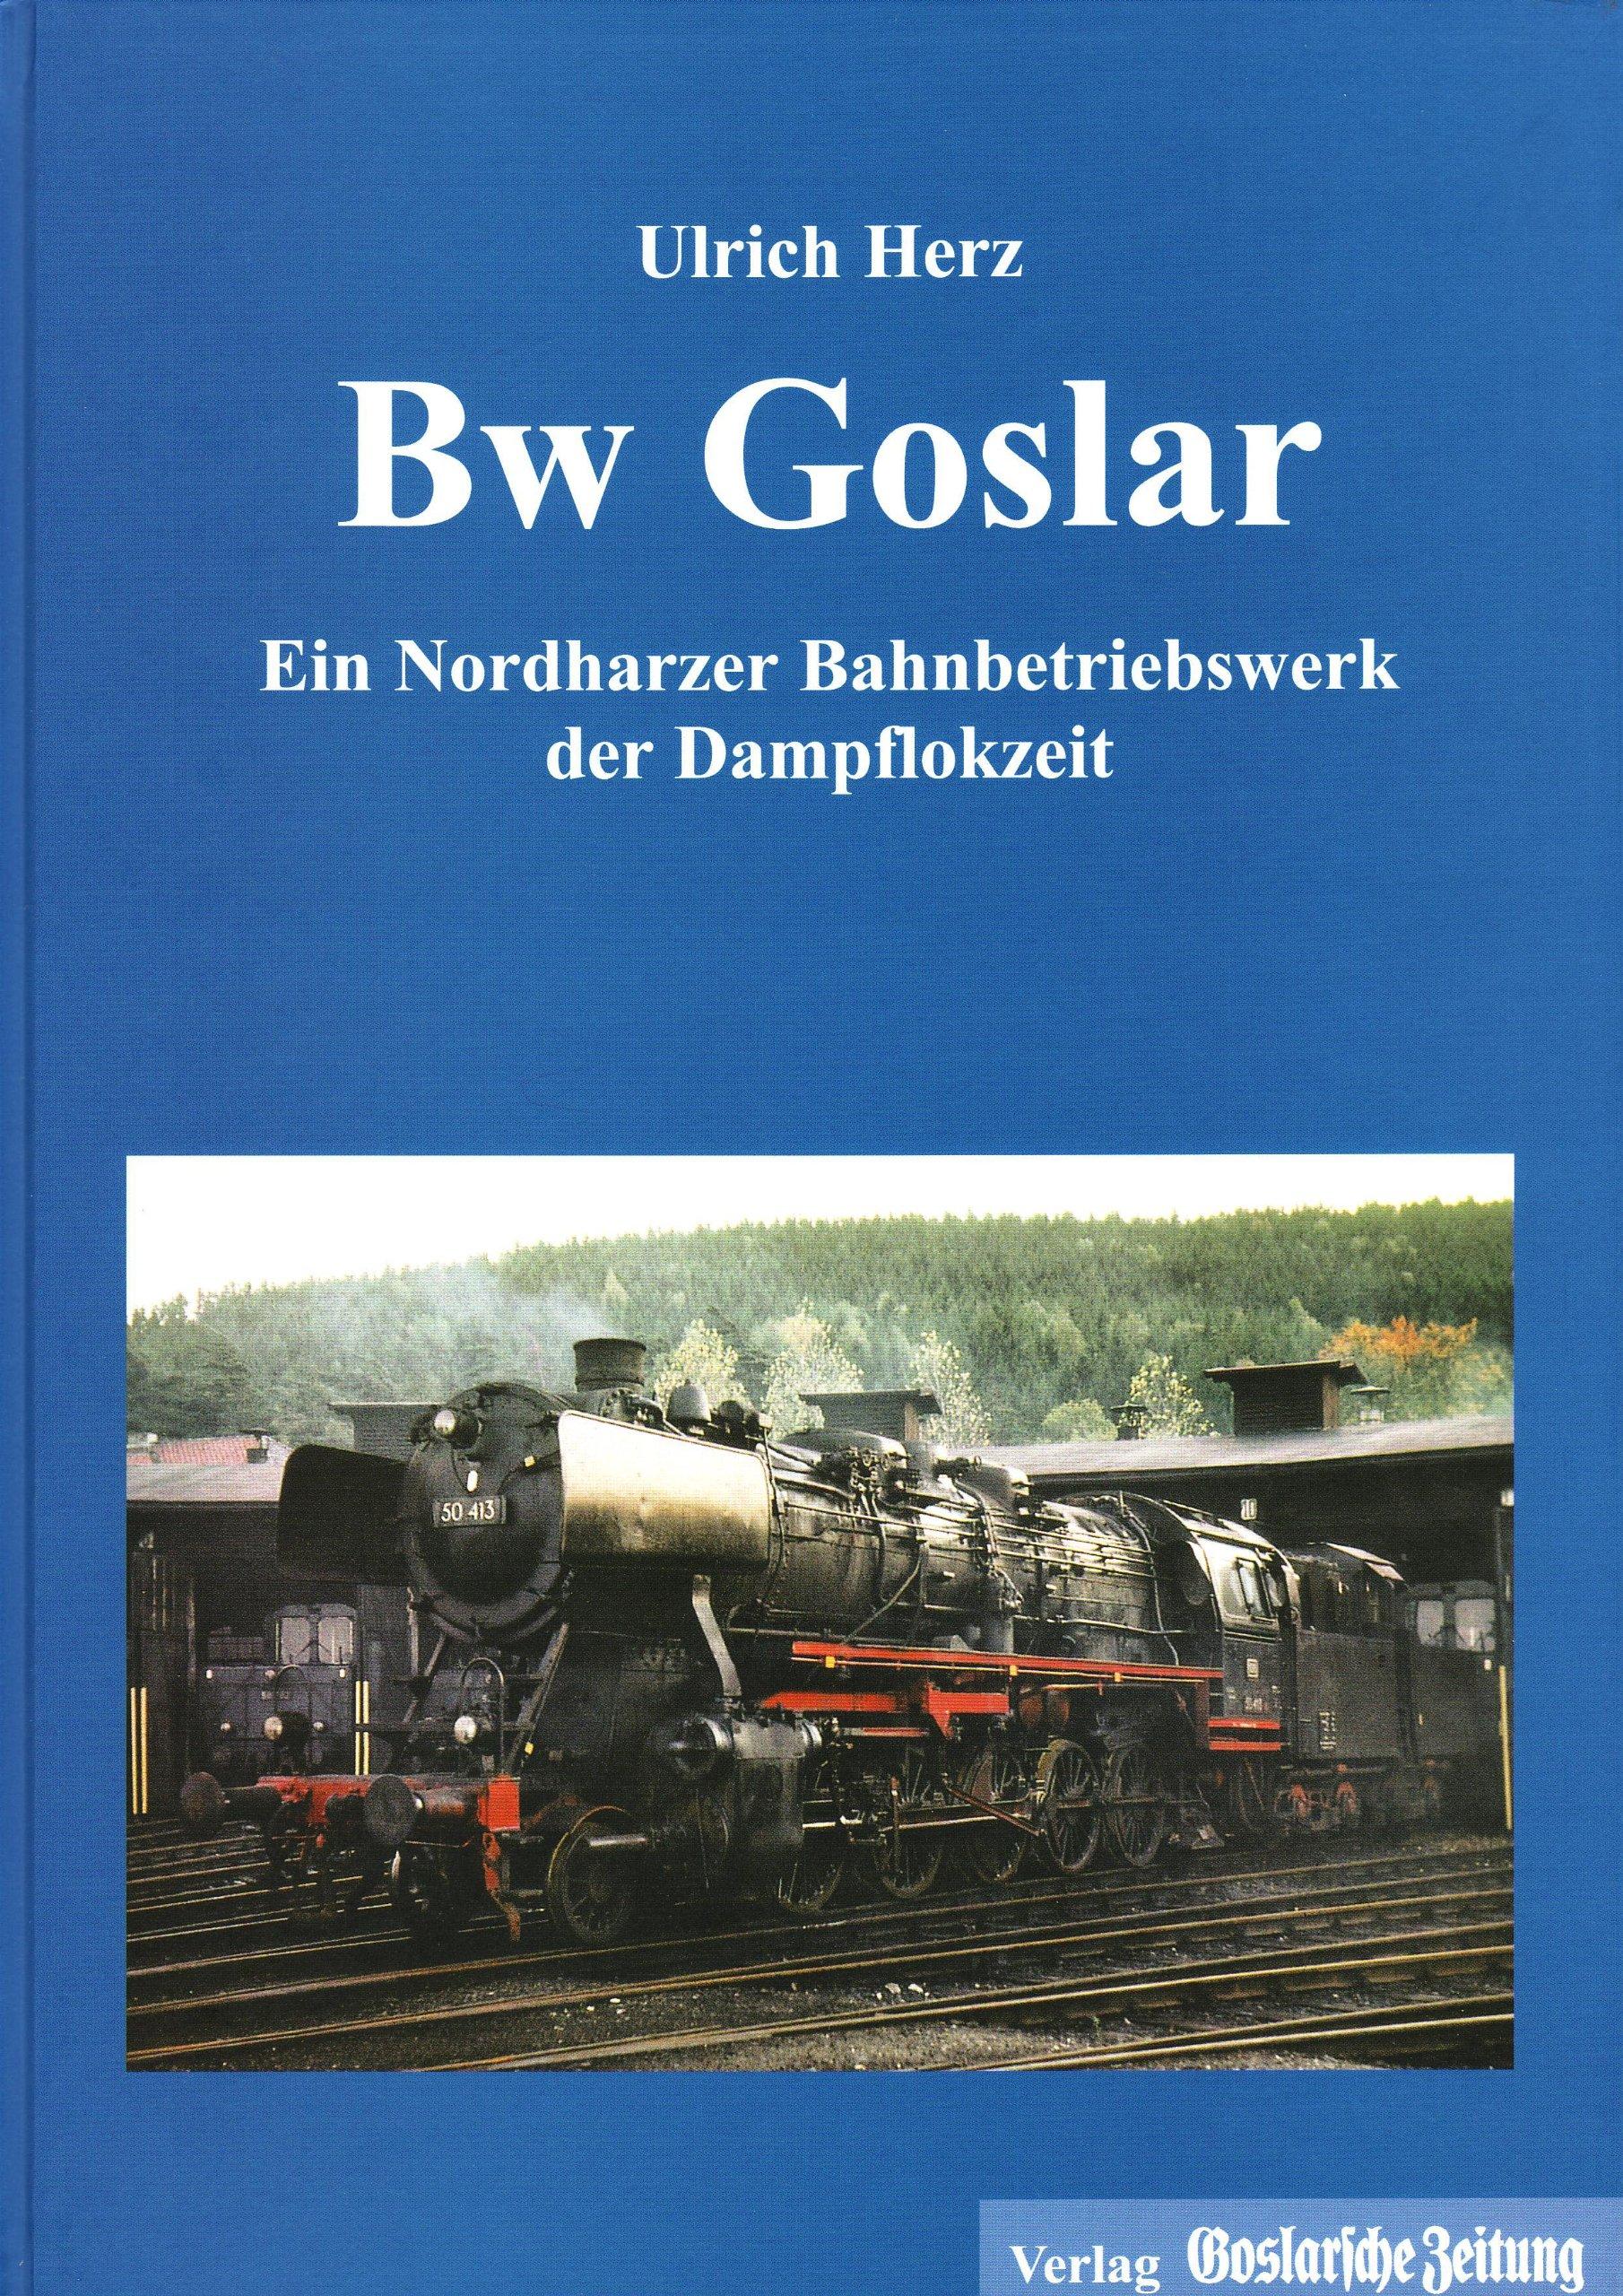 Bw Goslar (Bahnbetriebswerk): Ein Nordharzer Bahnbetriebswerk der Dampflokzeit